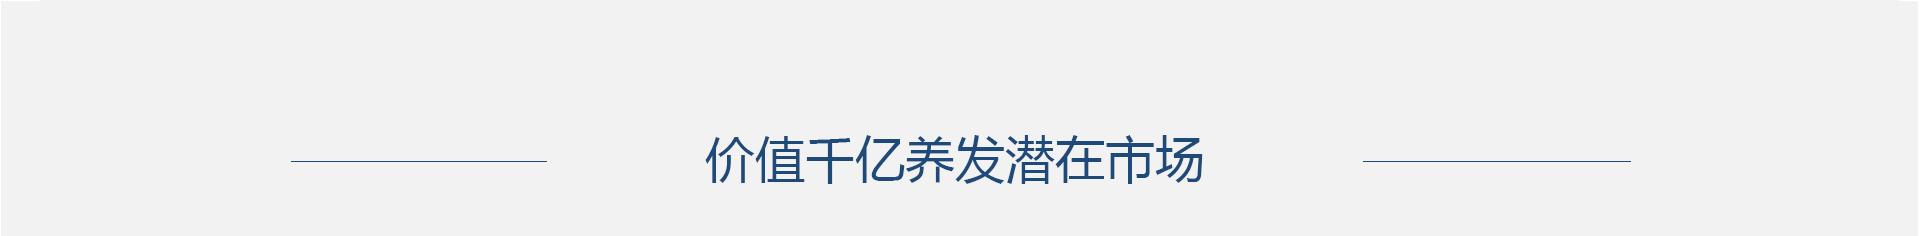 蒙霸养发堂mb_38